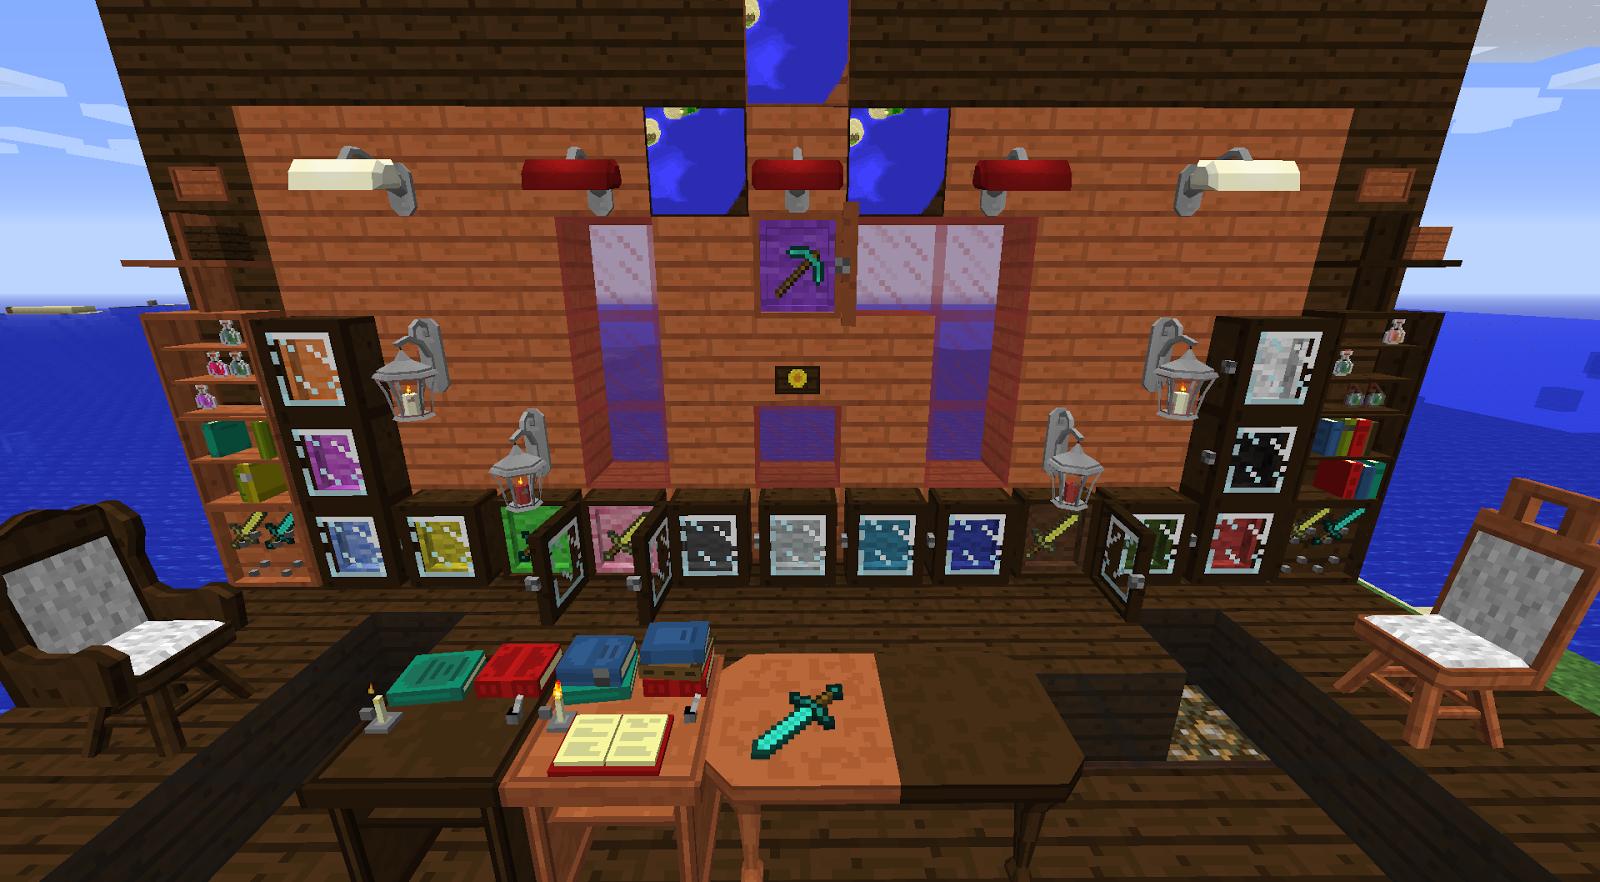 BiblioCraft 1.7.10, BiblioCraft Mod para Minecraft 1.7.2, BiblioCraft Mod  1.7.2, BiblioCraft Mod , Minecraft bibliocraft, minecraft mods, mods minecraft, minecraft 1.7.2, minecraft mods 1.7.2, cómo instalar mods minecraft, minecraft cómo instalar mods, mods de decoración, minecraft decoración